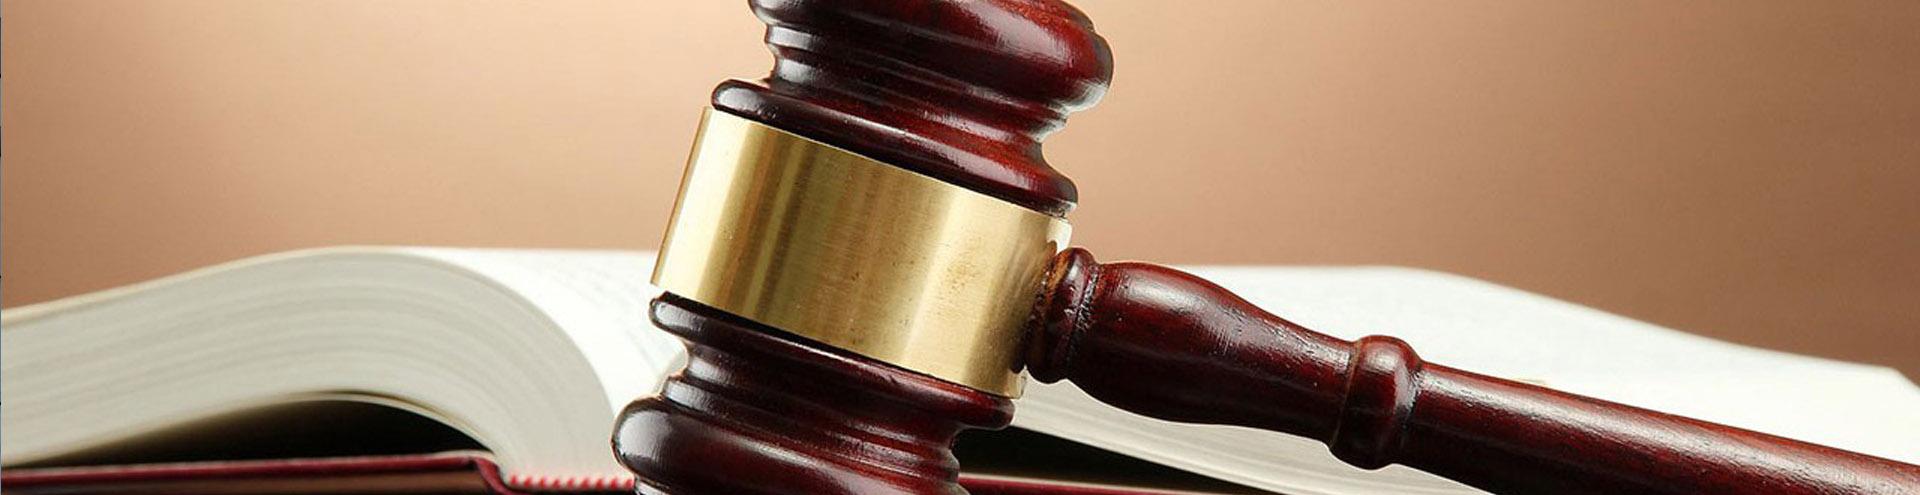 Подготовка жалобы, подготовка иска для подачи в суд в Краснодаре и Краснодарском крае